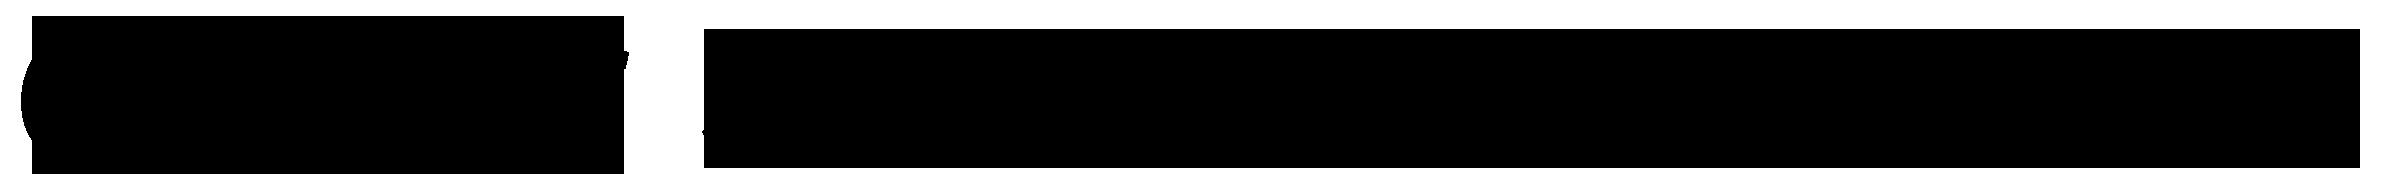 가정교회 웹사이트 지원센터